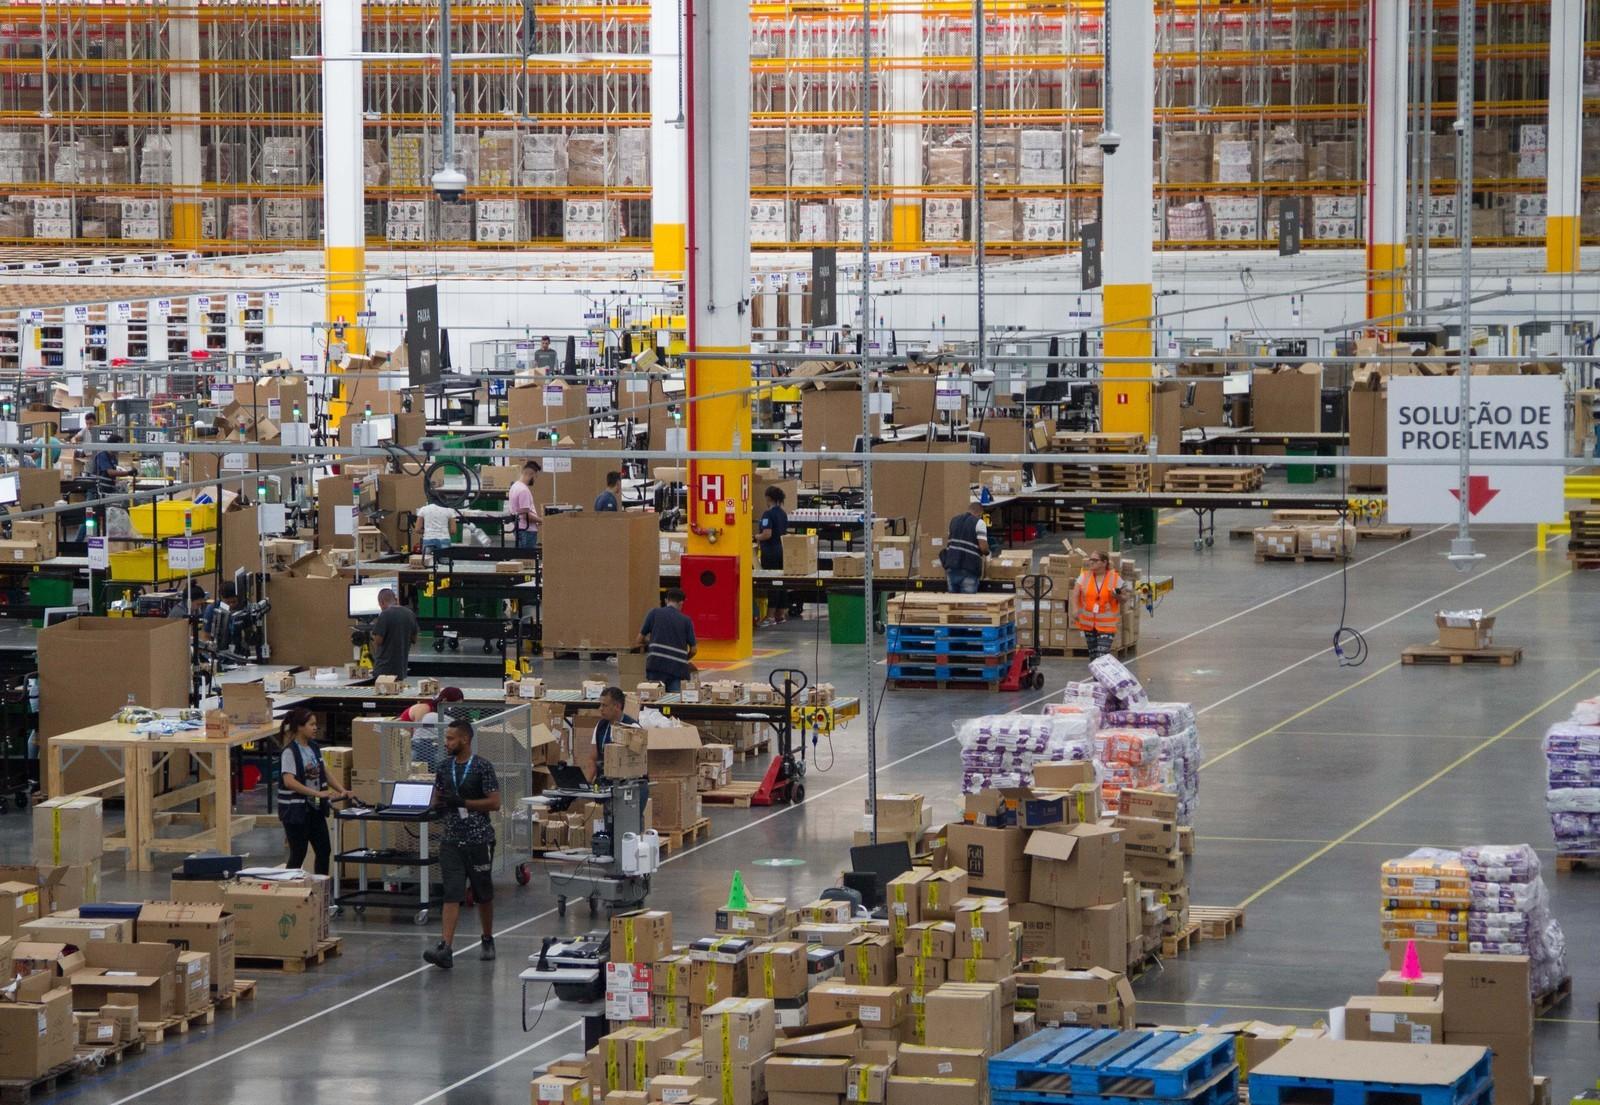 Novo centro de distribuição da Amazon.com.br em Cajamar (SP) (Foto: Divulgação/Amazon)